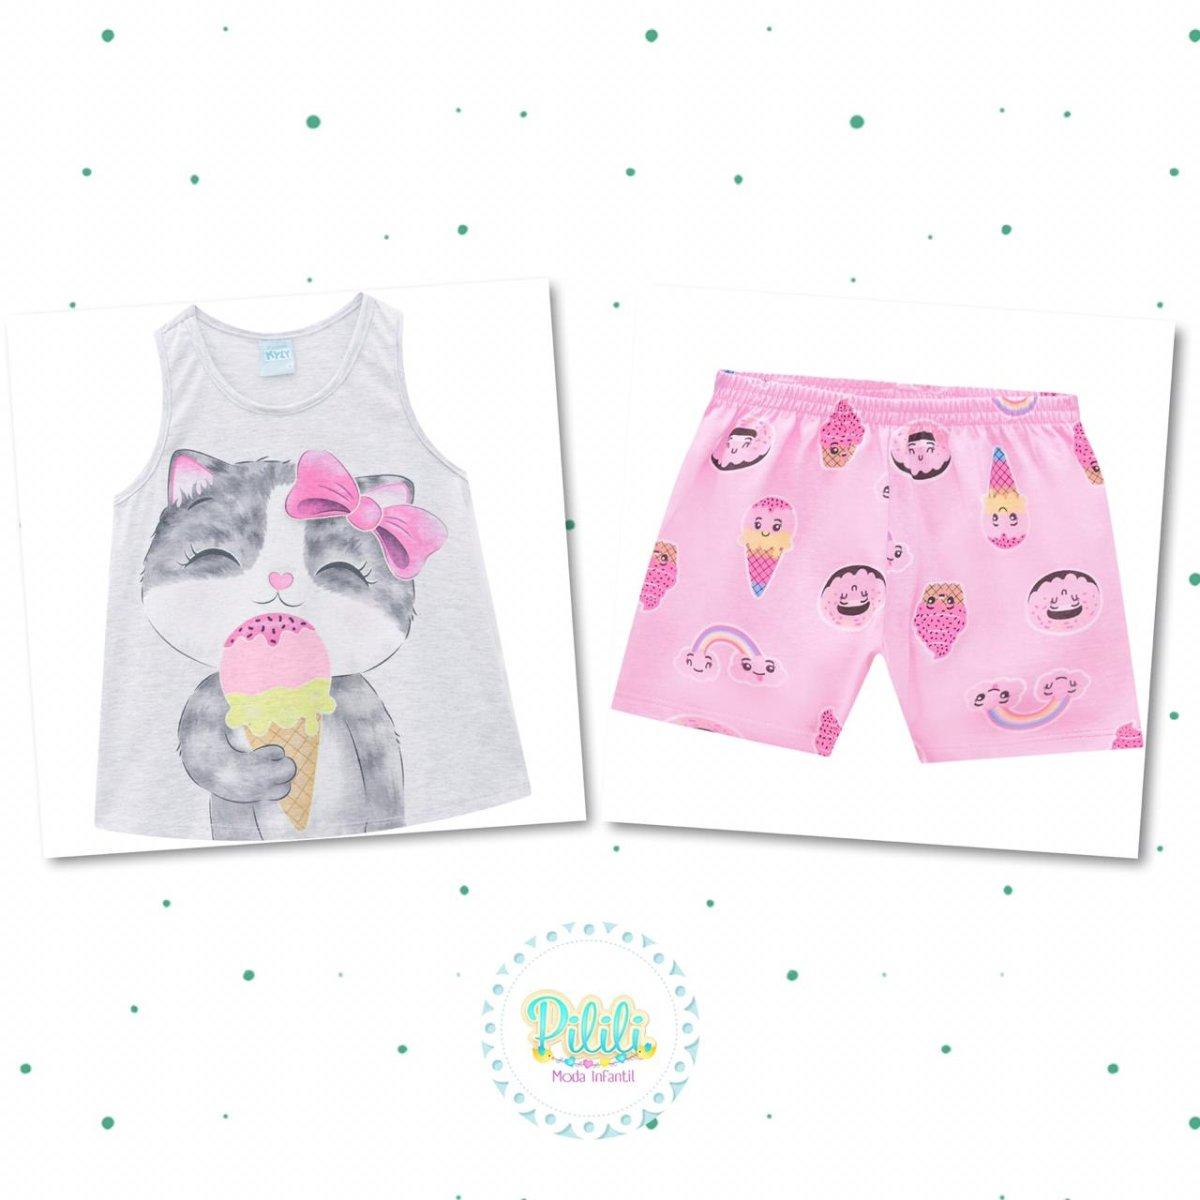 Pijama Menina Kyly Algodão Brilha no Escuro cor Mescla White